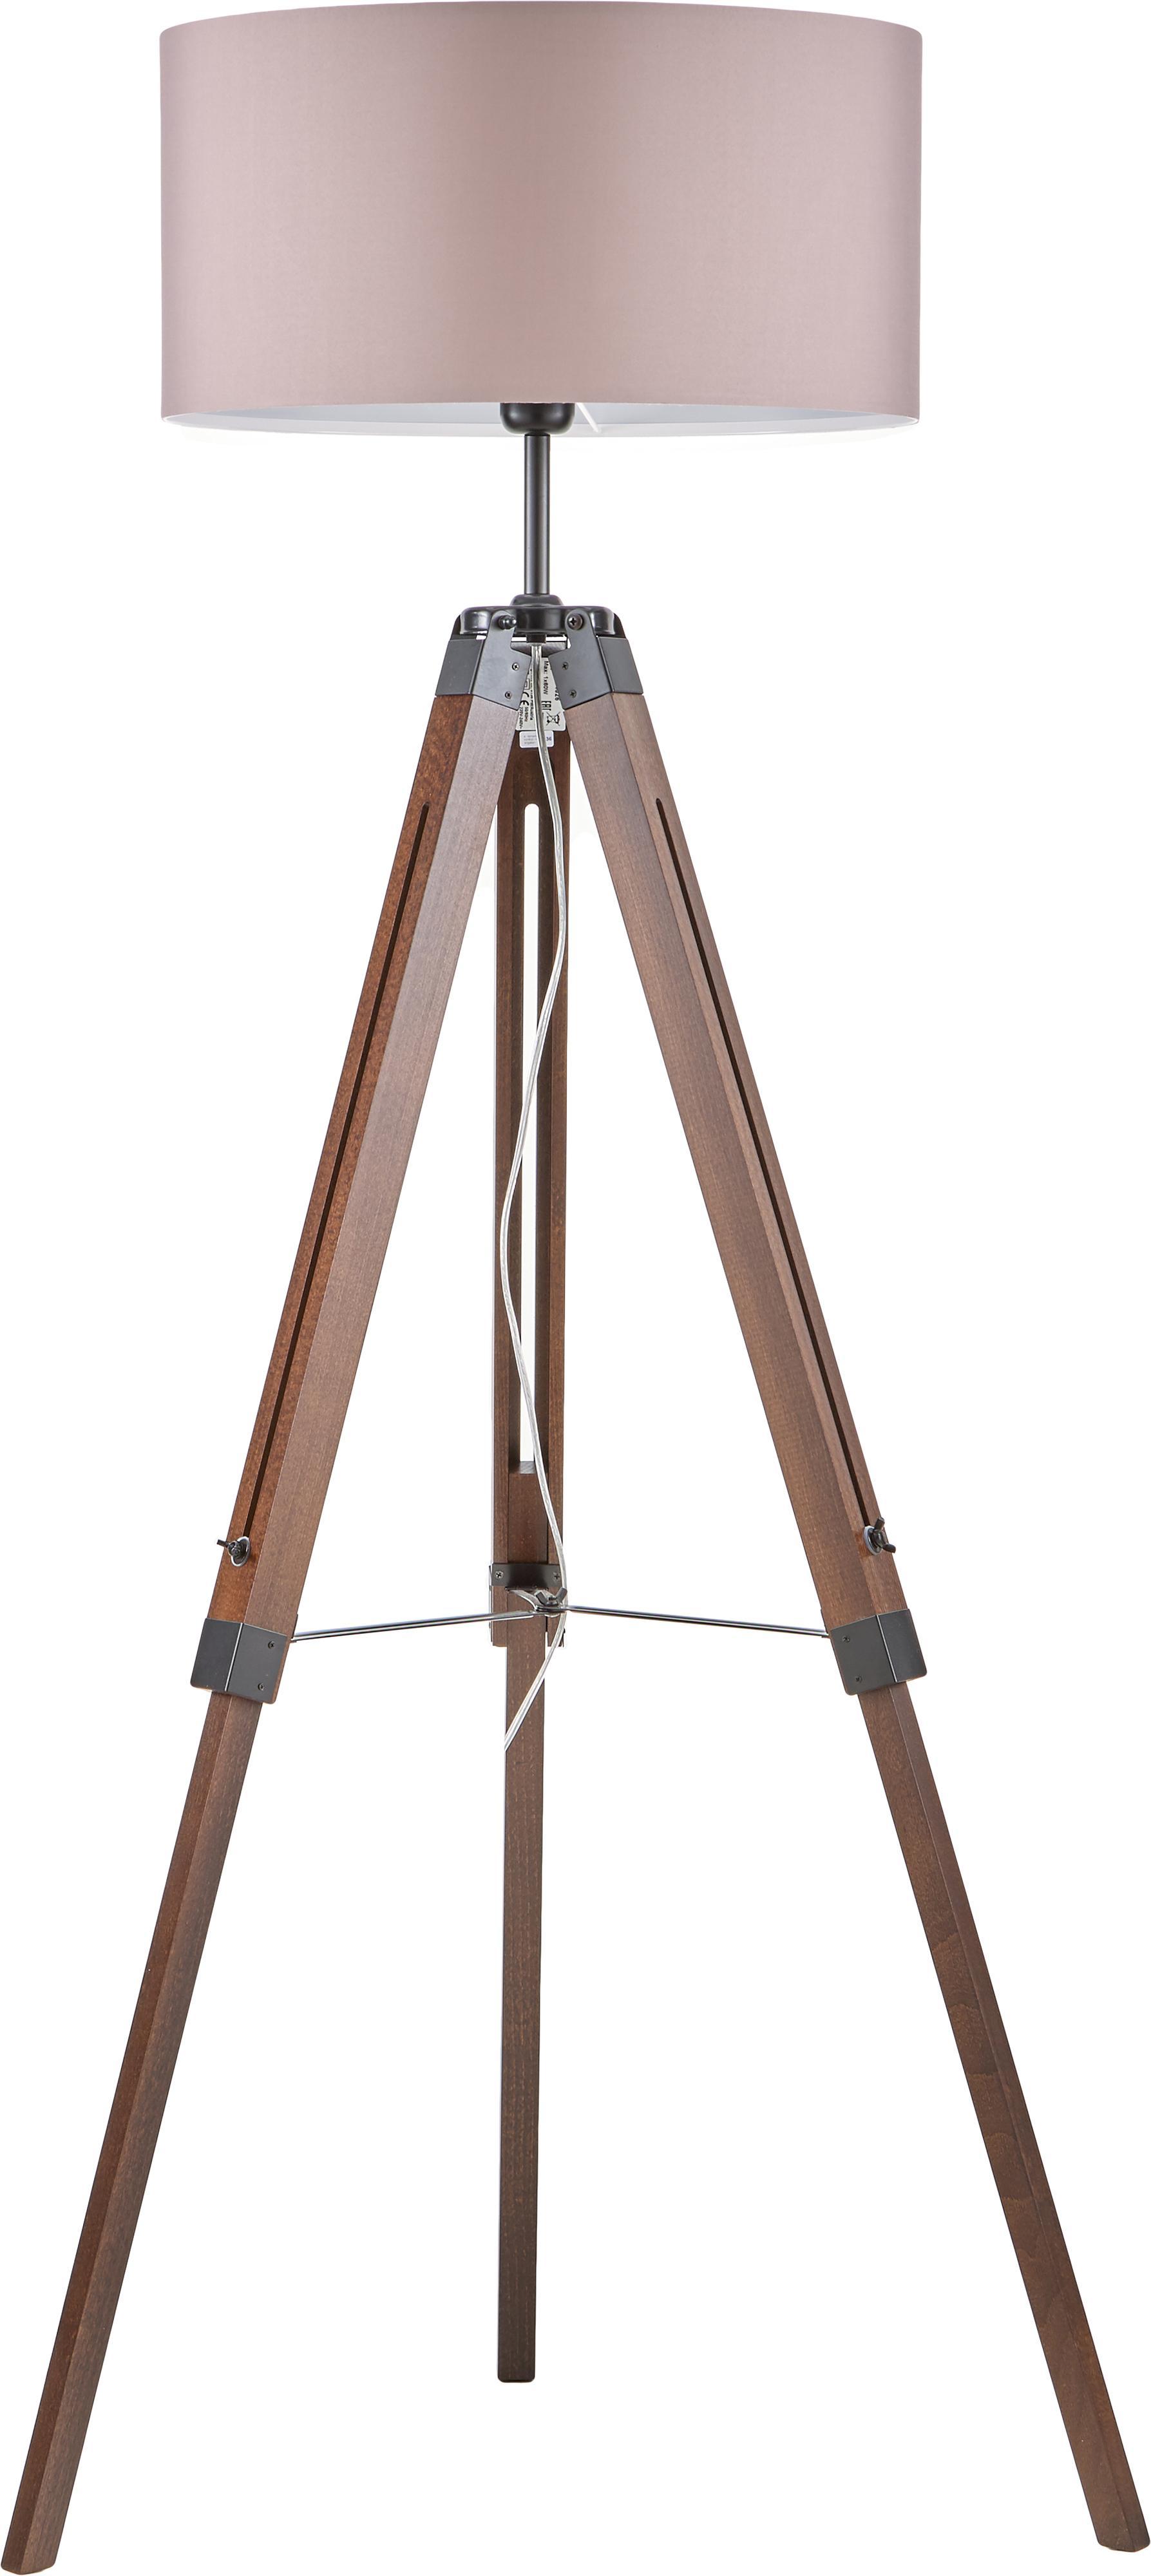 Lámpara de pie tripode de nogal Josey, Pantalla: tela, Estructura: acero con pintura en polv, Cable: plástico, Nogal, negro, gris pardo, Ø 70 x Al 150 cm